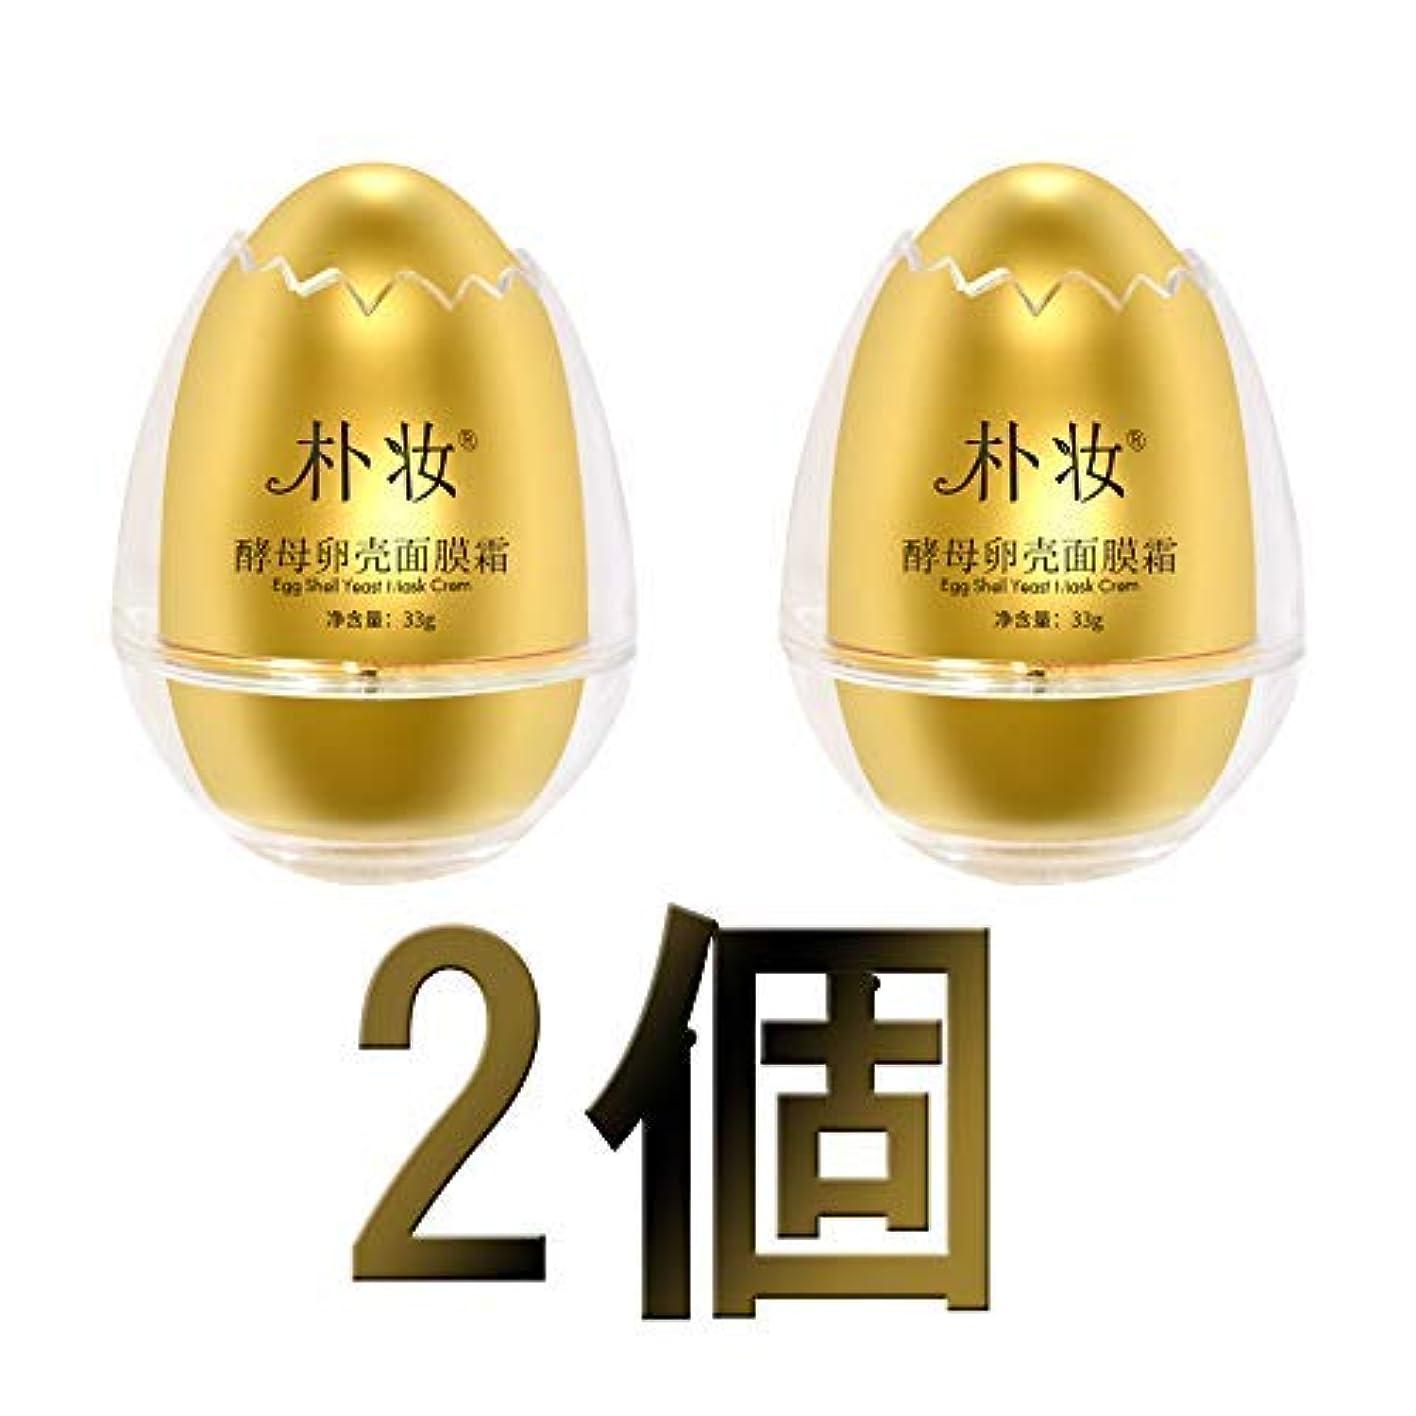 朝政治家の著名な朴妆たんたんパックx2個 酵母卵殻マスククリーム33g しっとりと た肌,シュリンクポア,しわ耐性,肌を引っ張る、